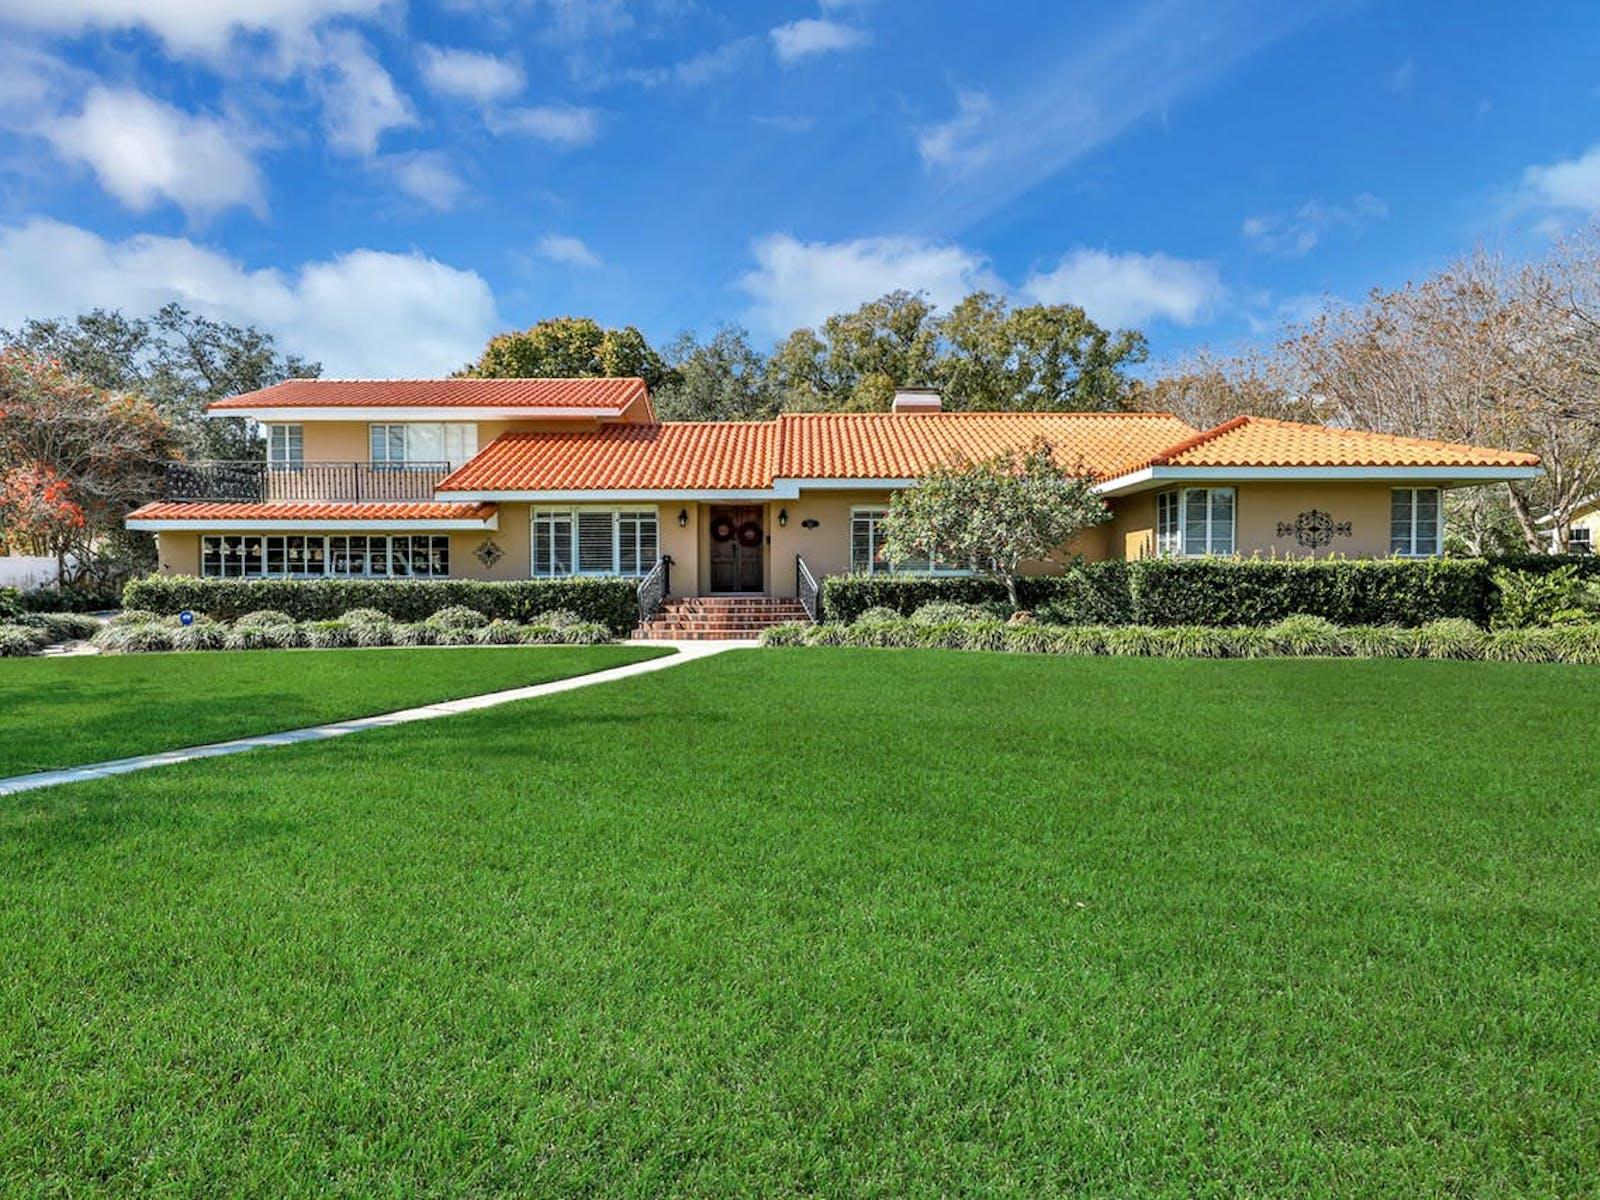 Bradenton, FL event home rental exterior